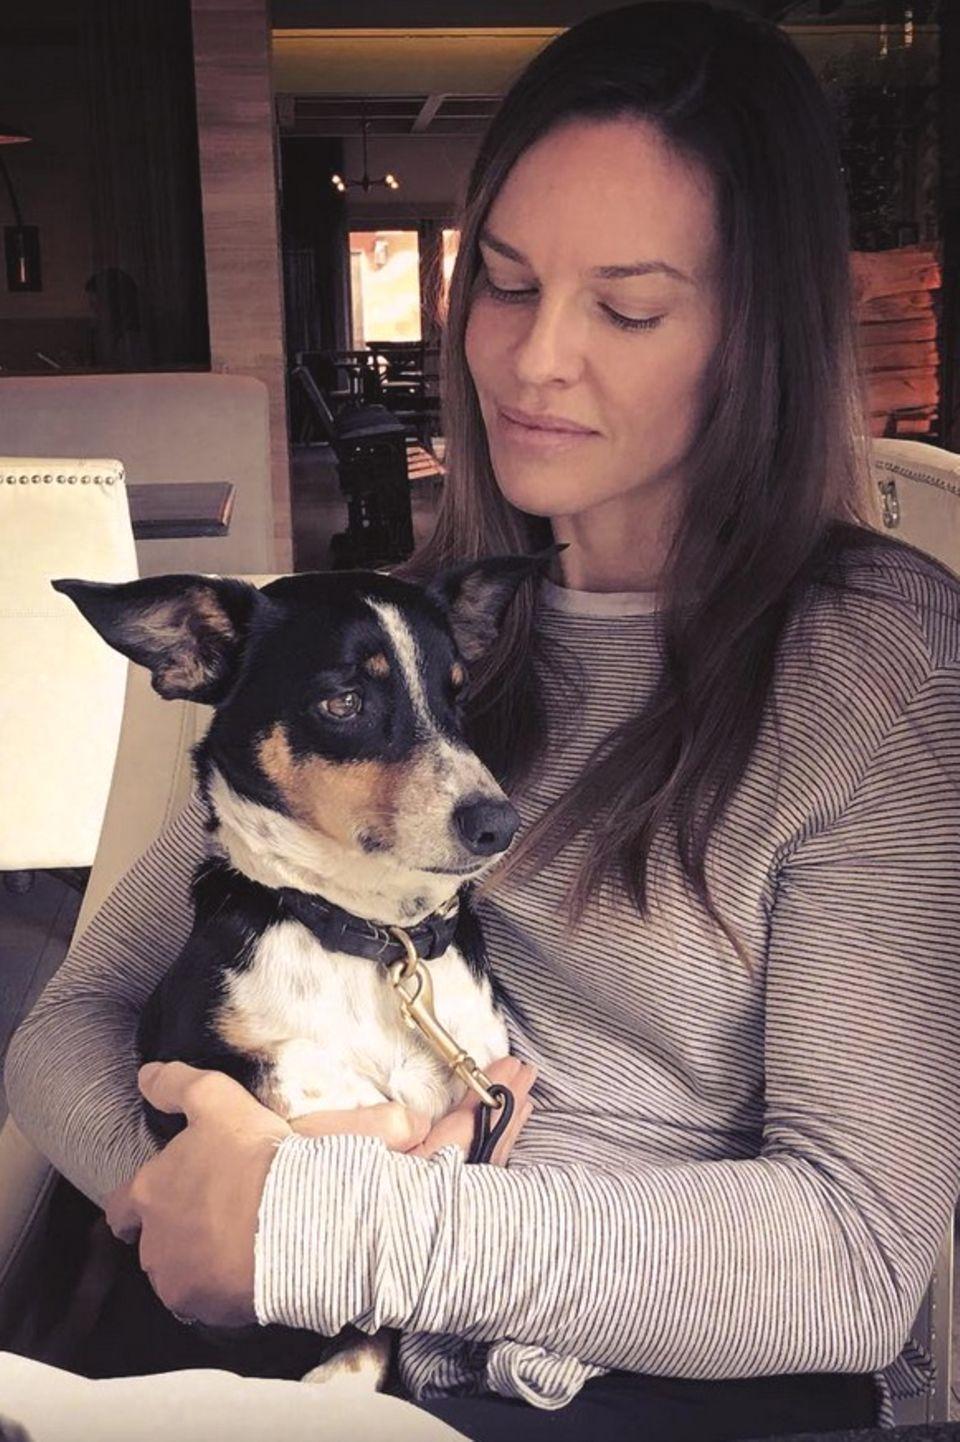 Einen fröhlichen Mittwoch wünscht Hilary Swank mit Hund Peanut im Arm.